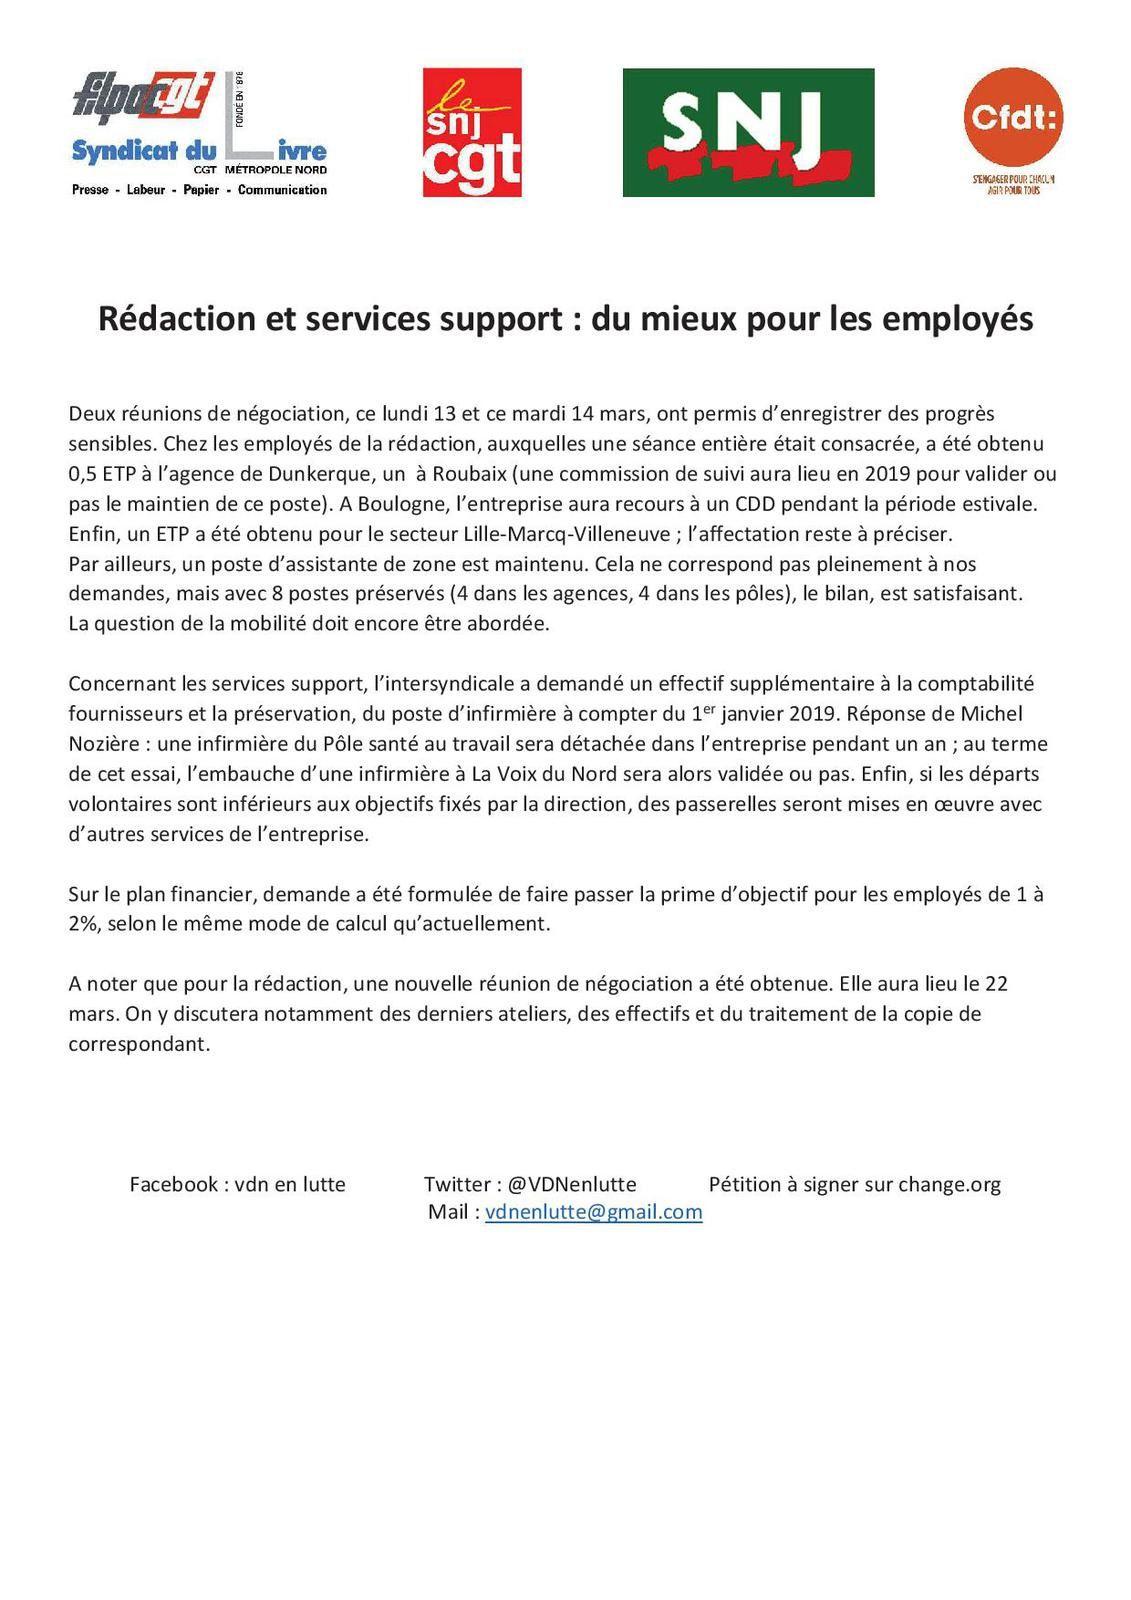 Rédaction et services support : du mieux pour les employés